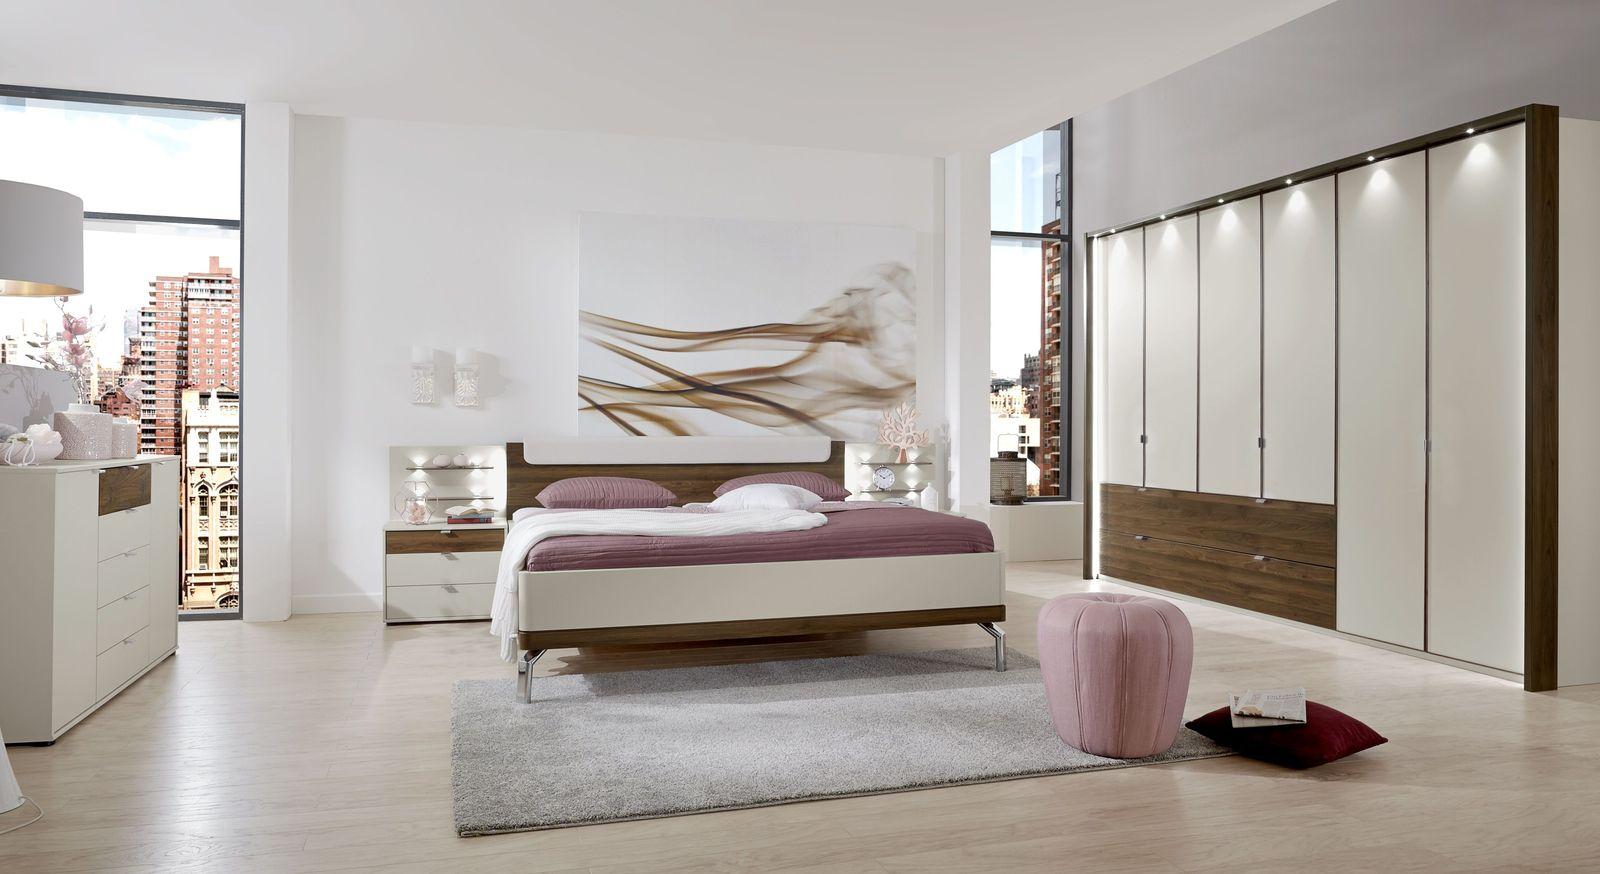 Modernes Schlafzimmer Akola in Nocce und Champagner Dekor